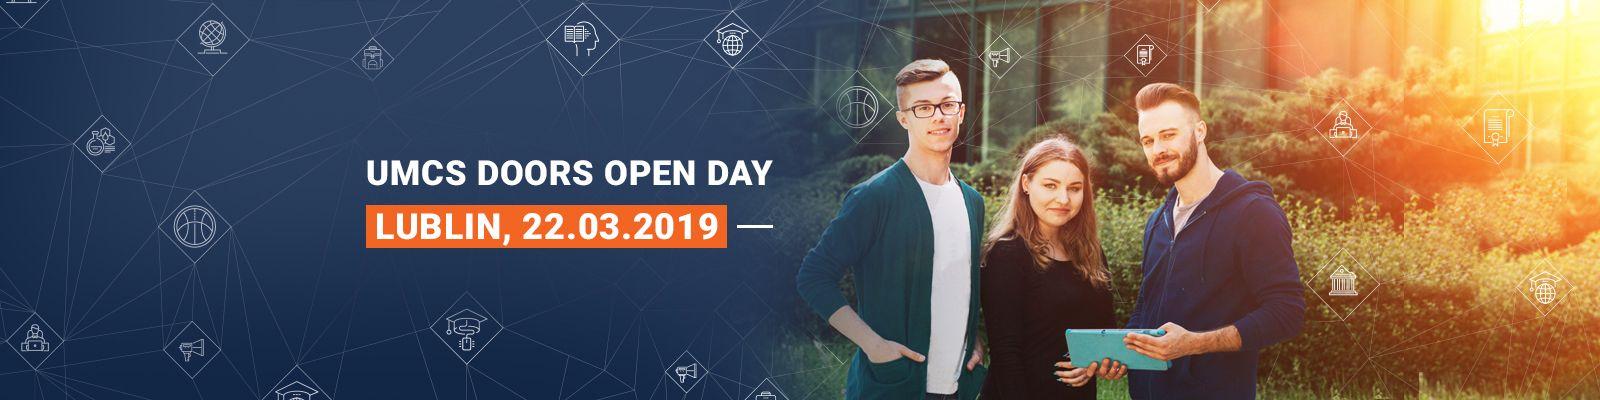 Doors Open Day 2019